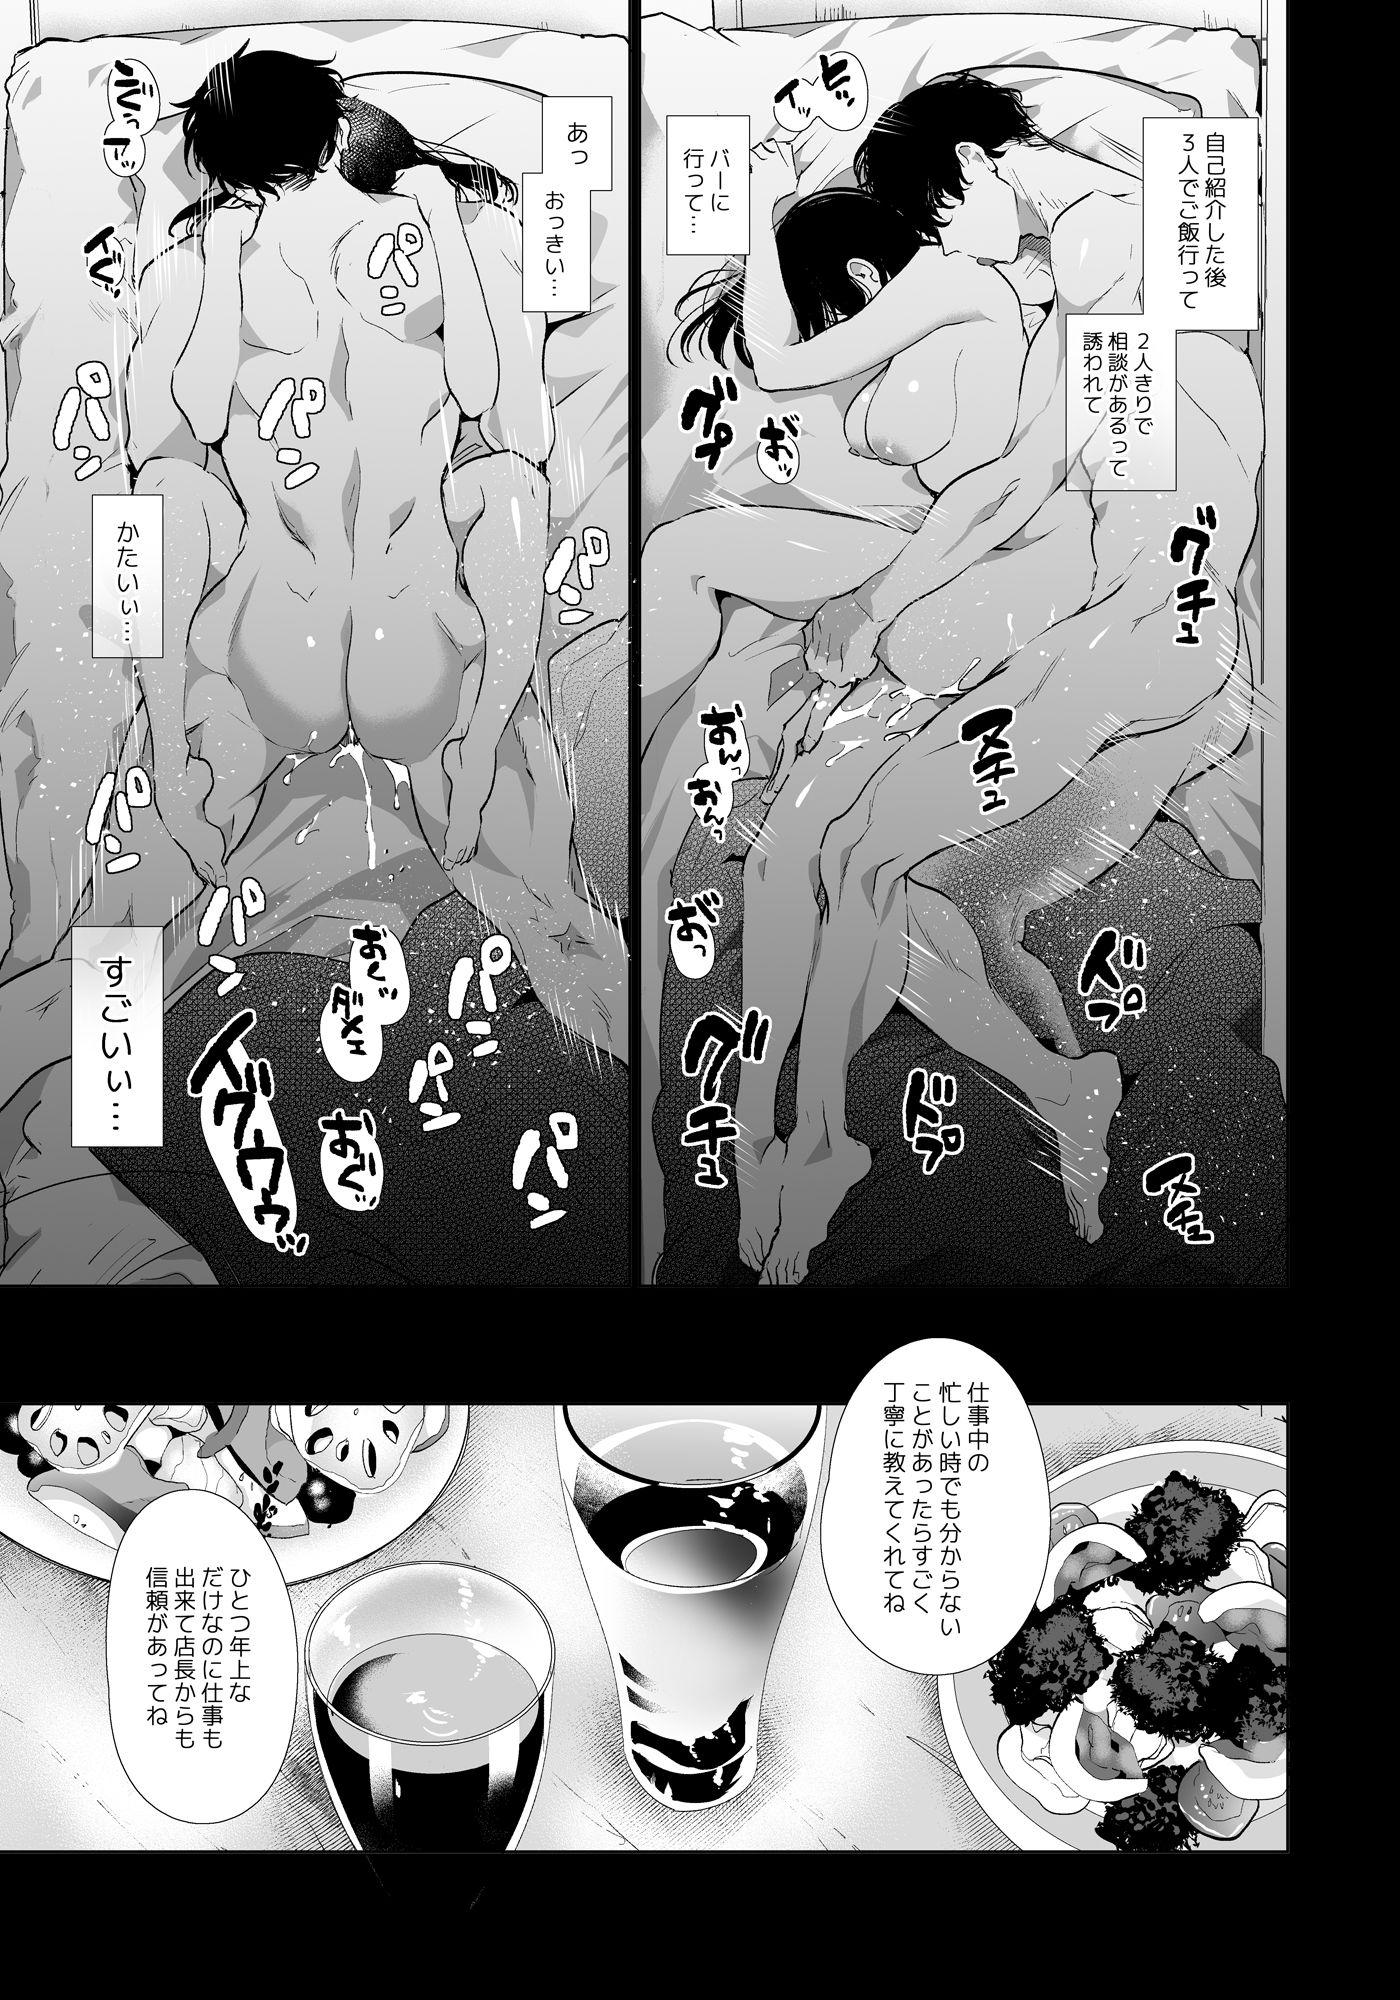 【エロ漫画無料大全集】【NTR】真面目な女の子が快楽堕ちしていく姿って興奮するよなwww